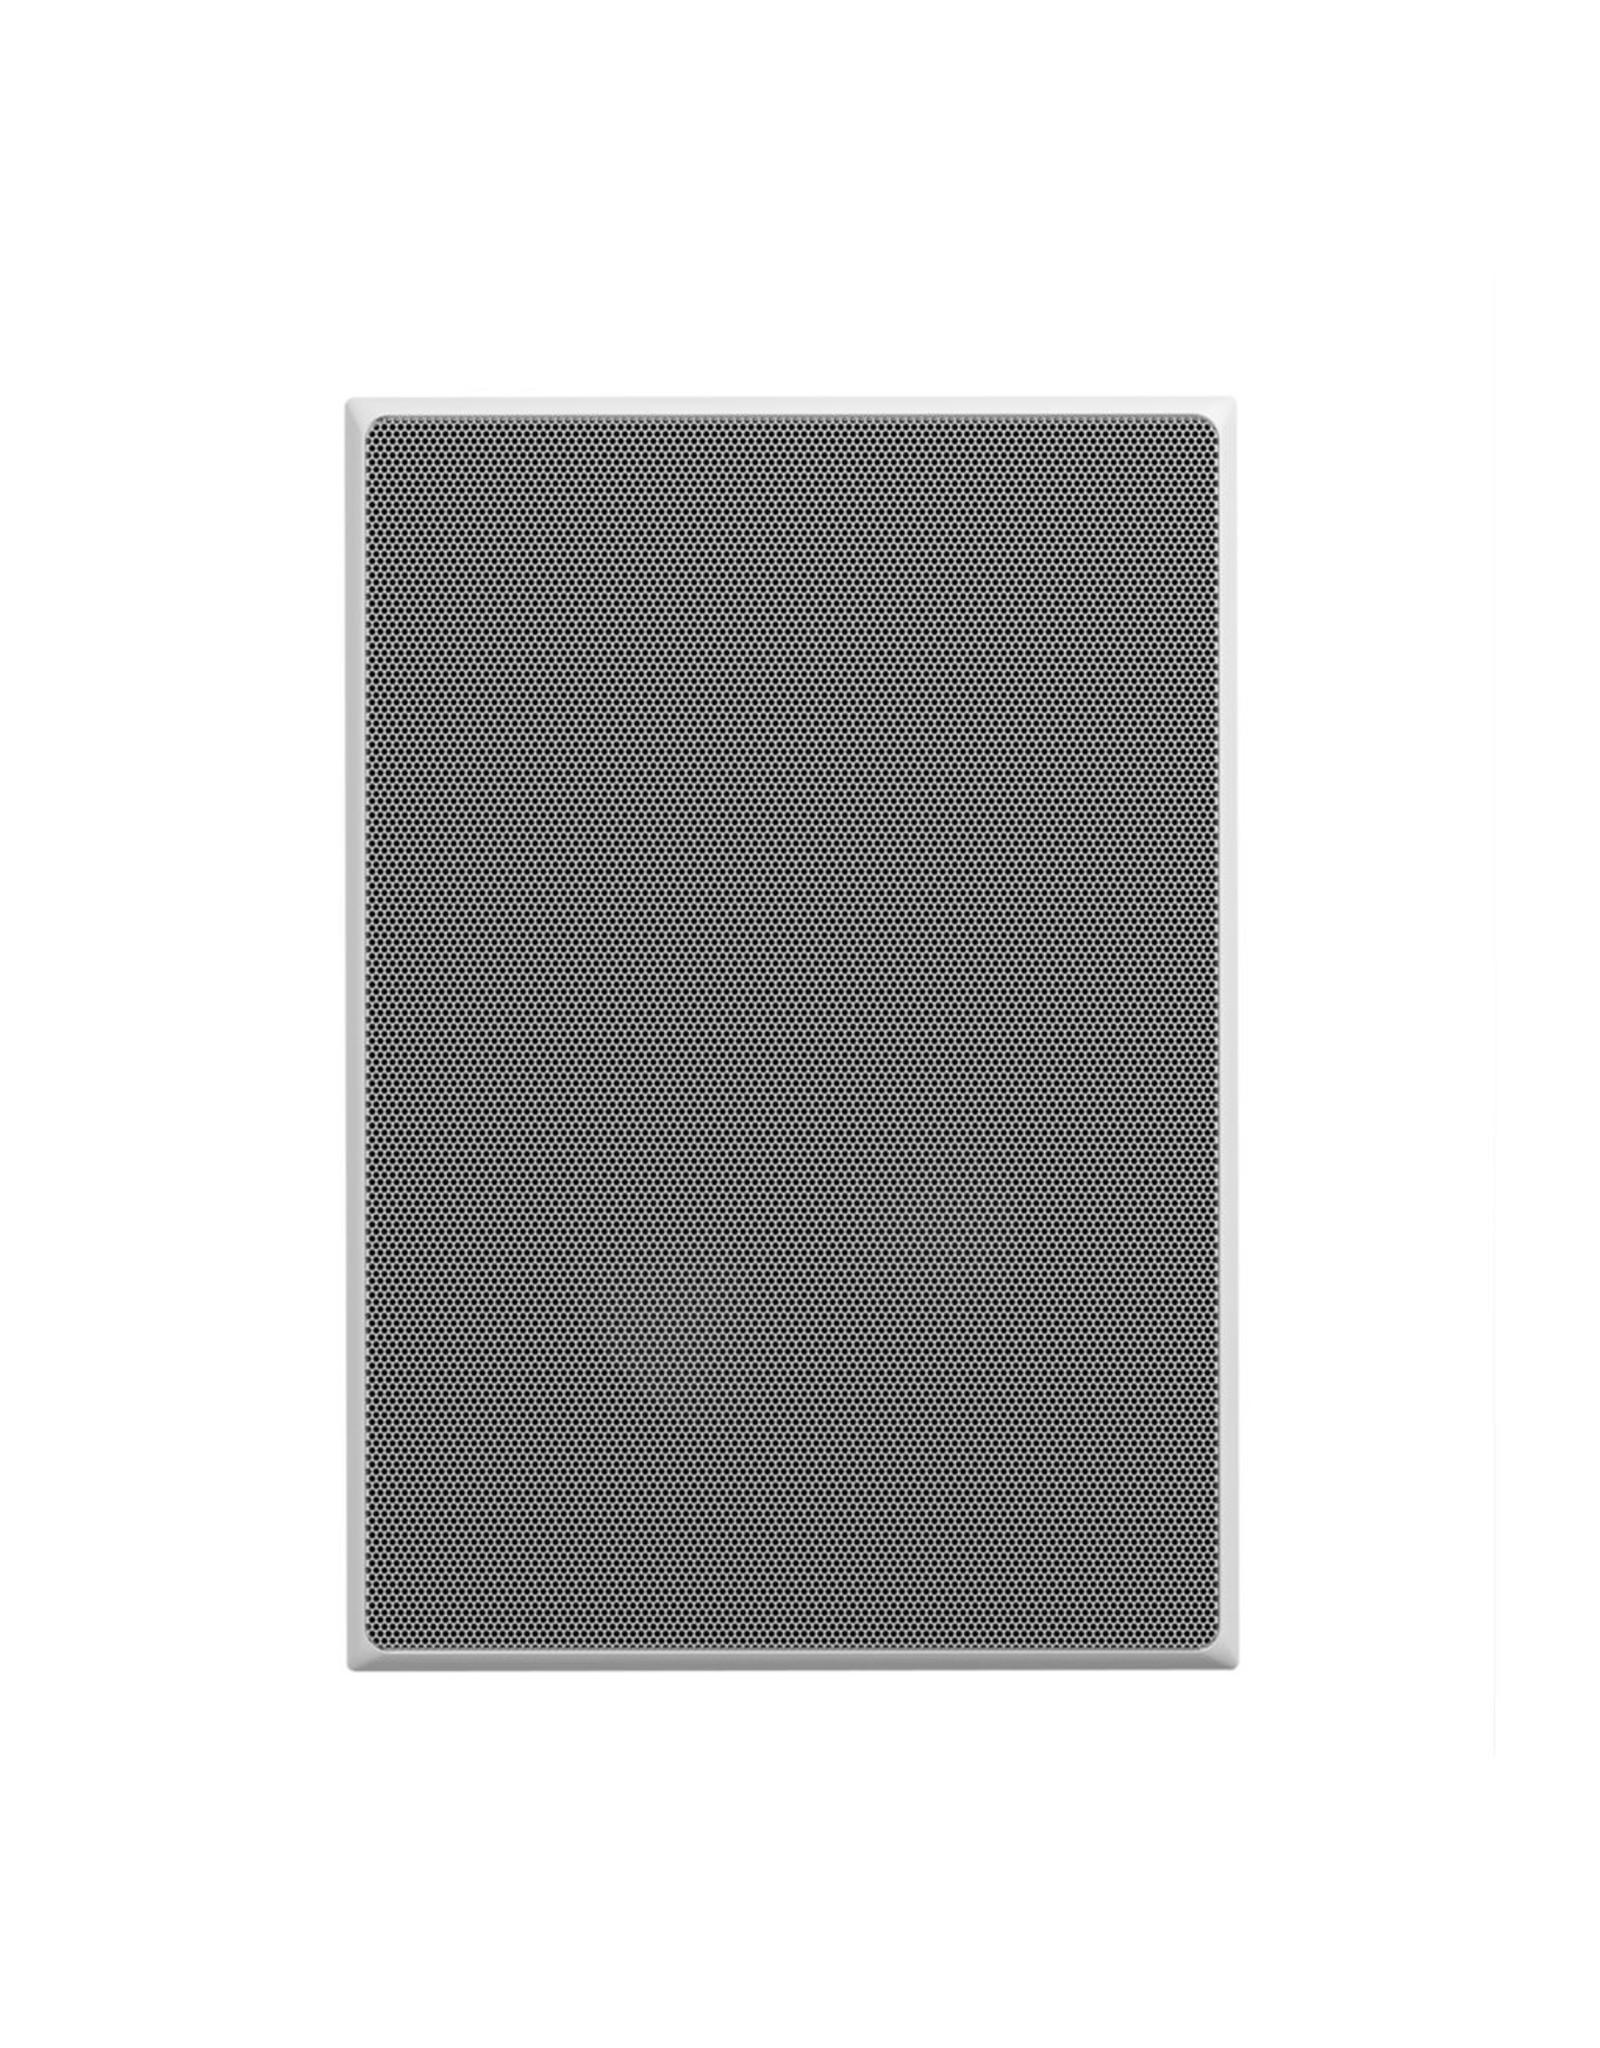 BOWERS & WILKINS B&W CWM362 In Wall Speakers (pair) WHITE